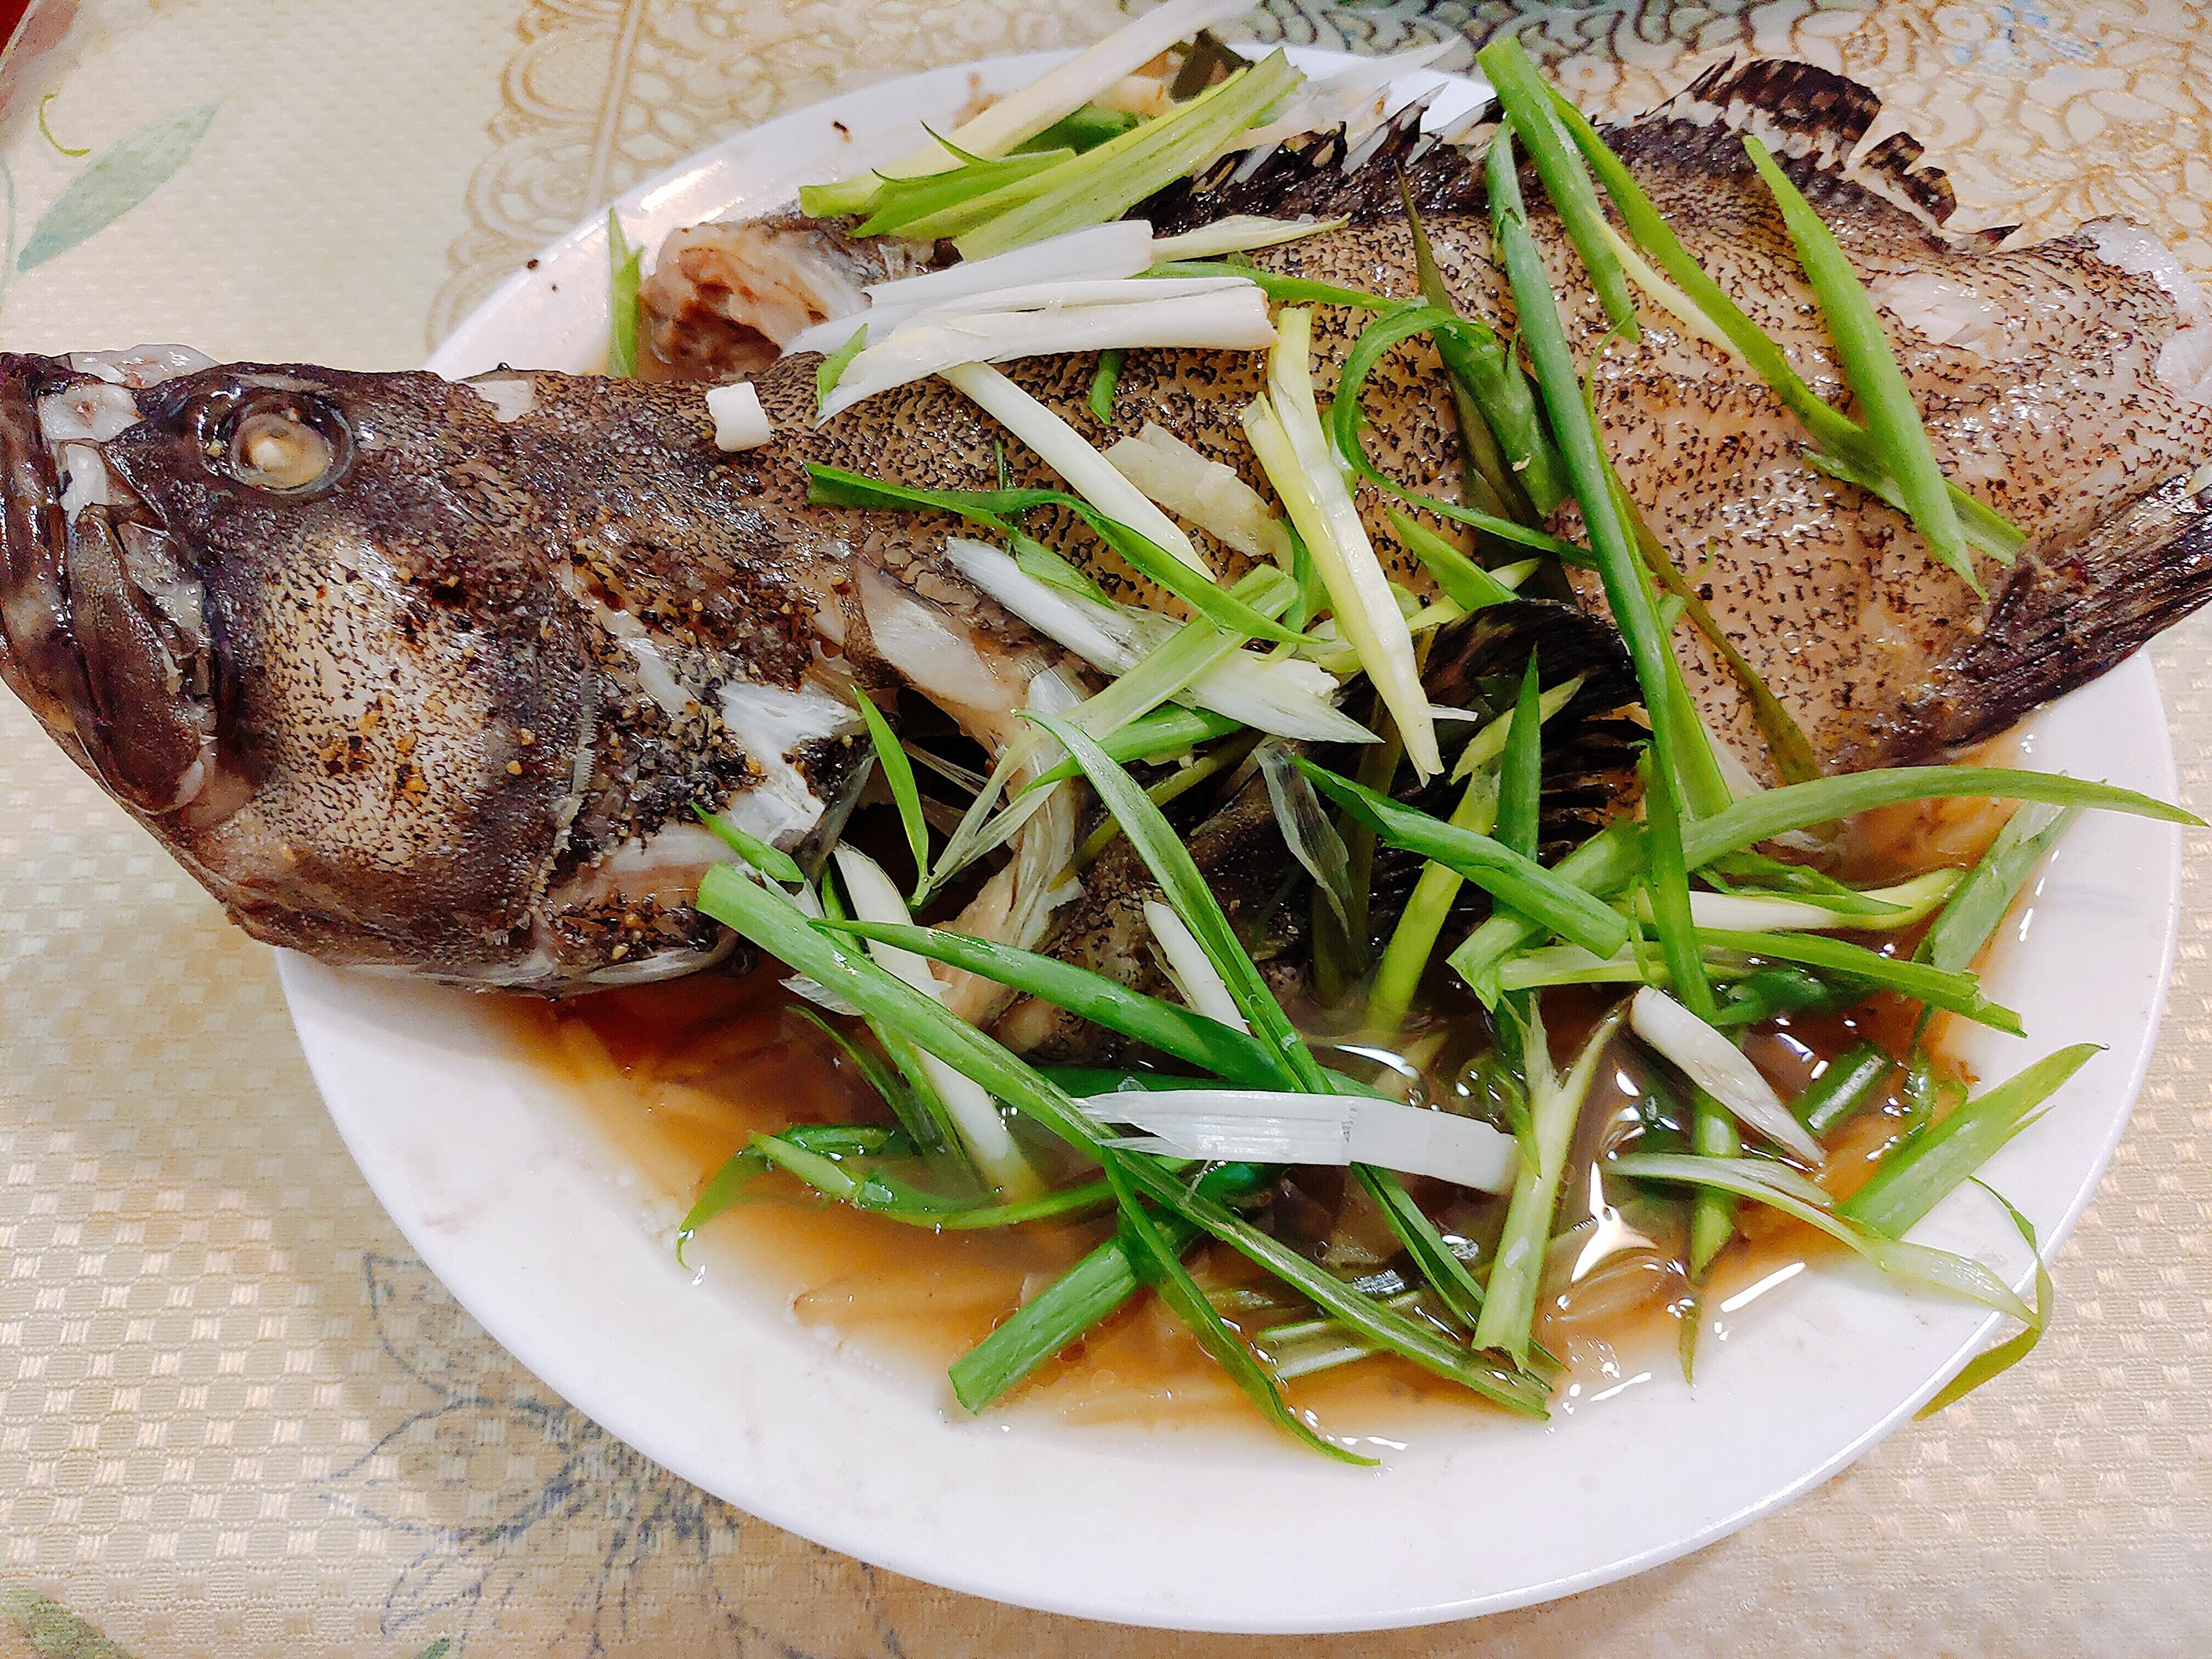 【食譜】清蒸龍虎石斑|鮮嫩可口的魚肉輕鬆就上桌